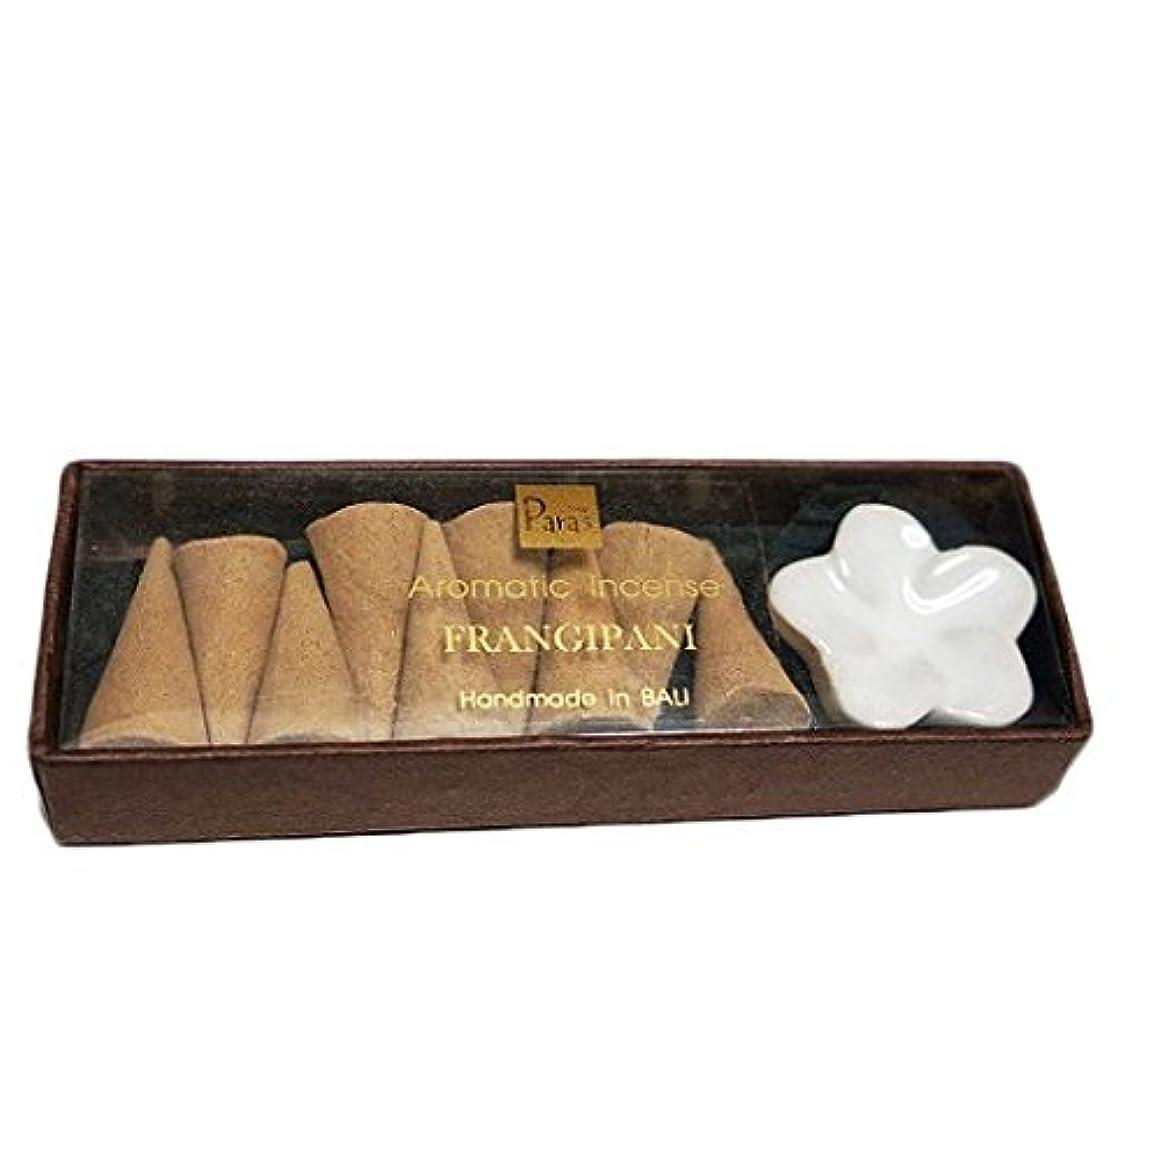 降雨ライン発行するフランジパニ お香セット【トコパラス TOKO PARAS】バリ島 フランジパニの陶器のお香立て付き ナチュラルハンドメイドのお香